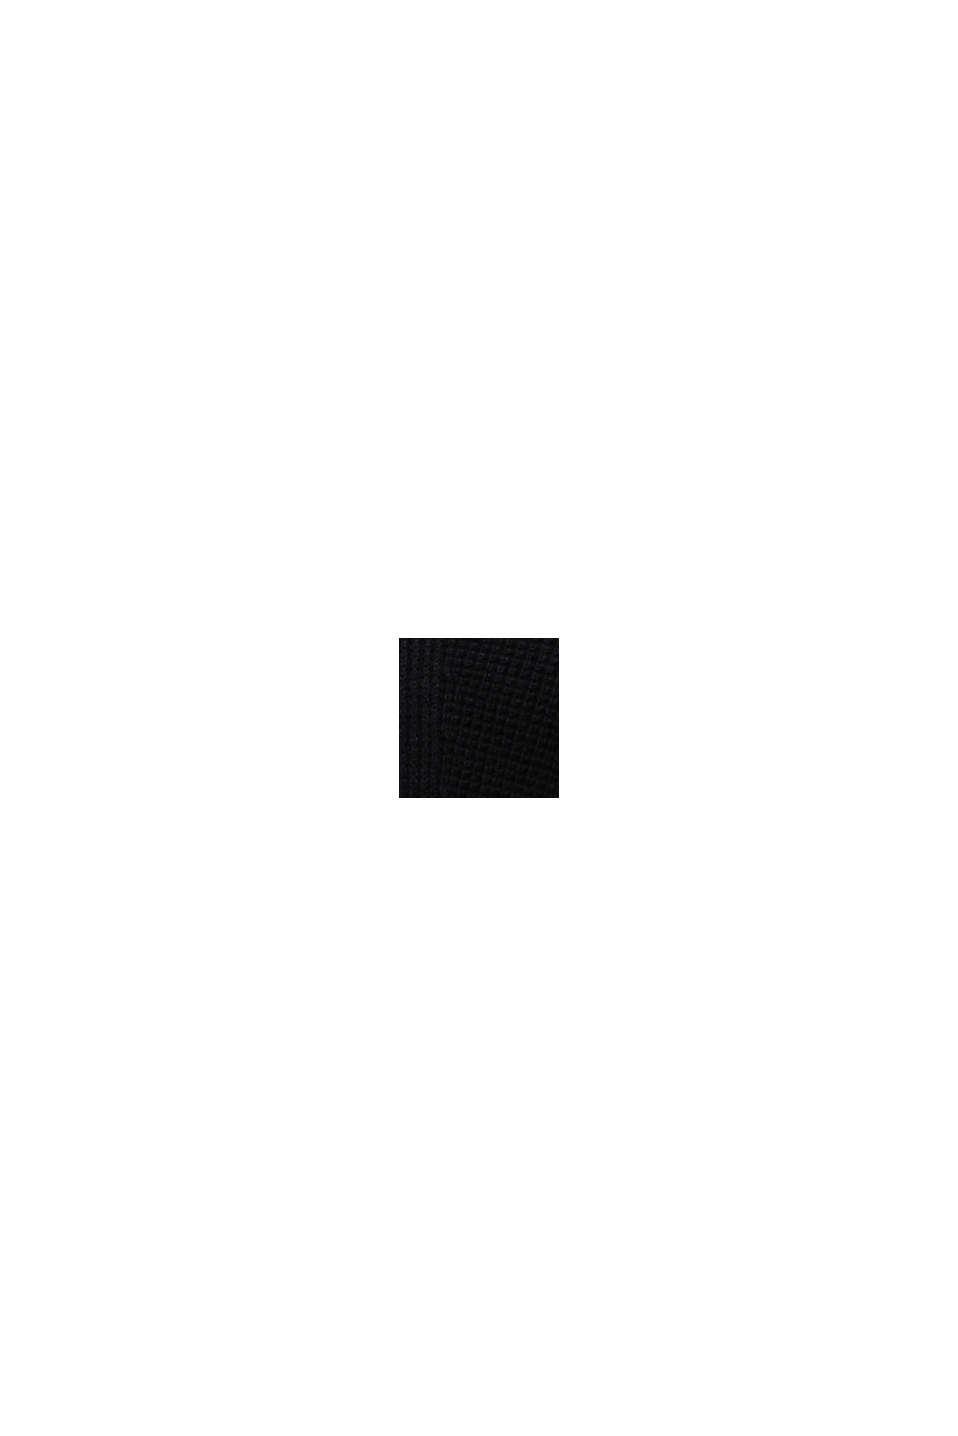 Pulovr se špičatým výstřihem, z perličkového úpletu, BLACK, swatch